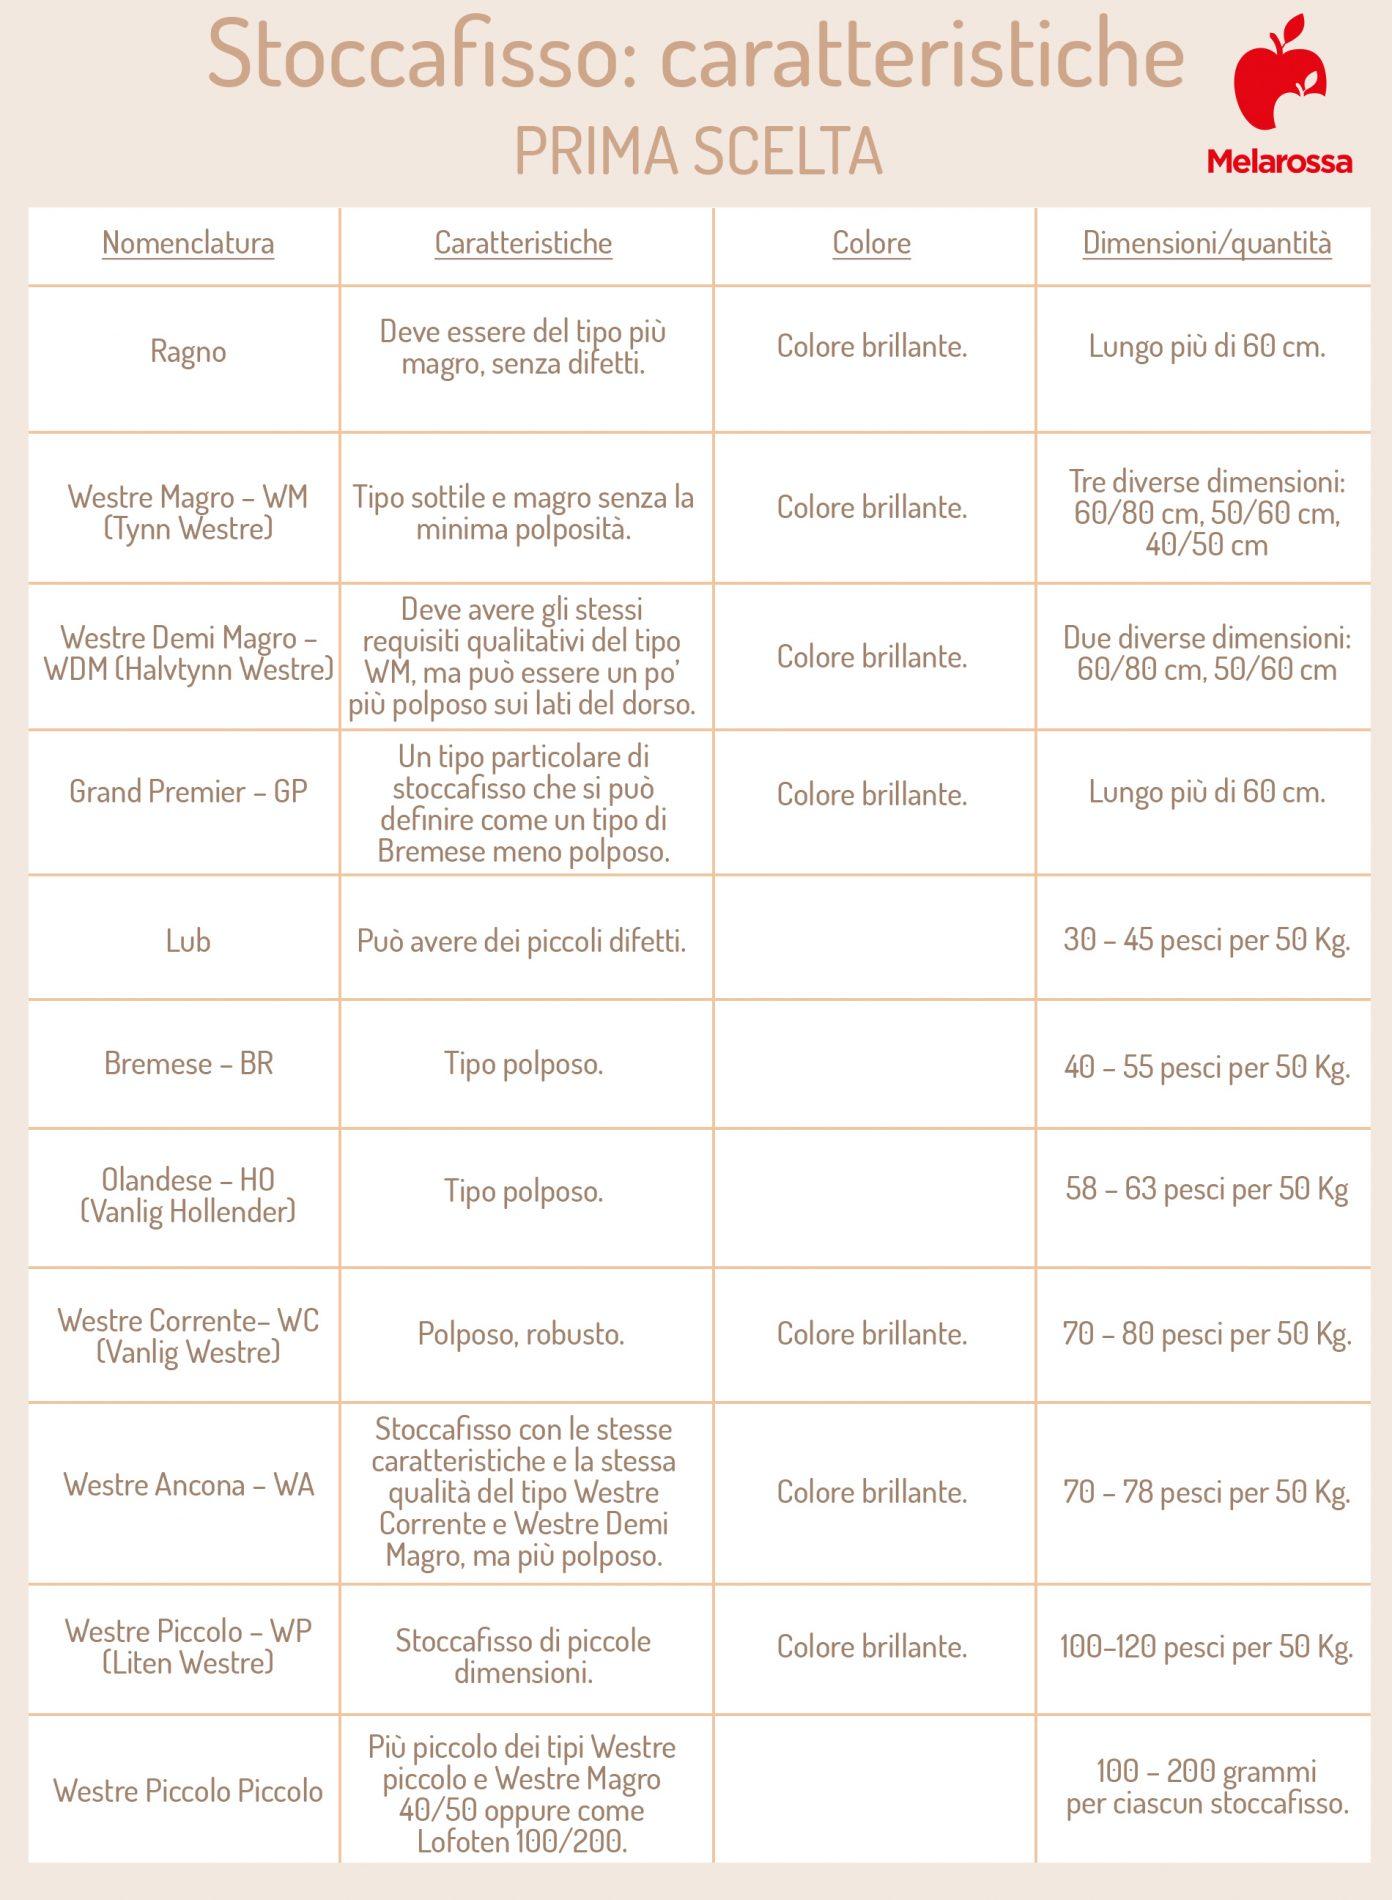 stoccafisso: caratteristiche di prima scelta